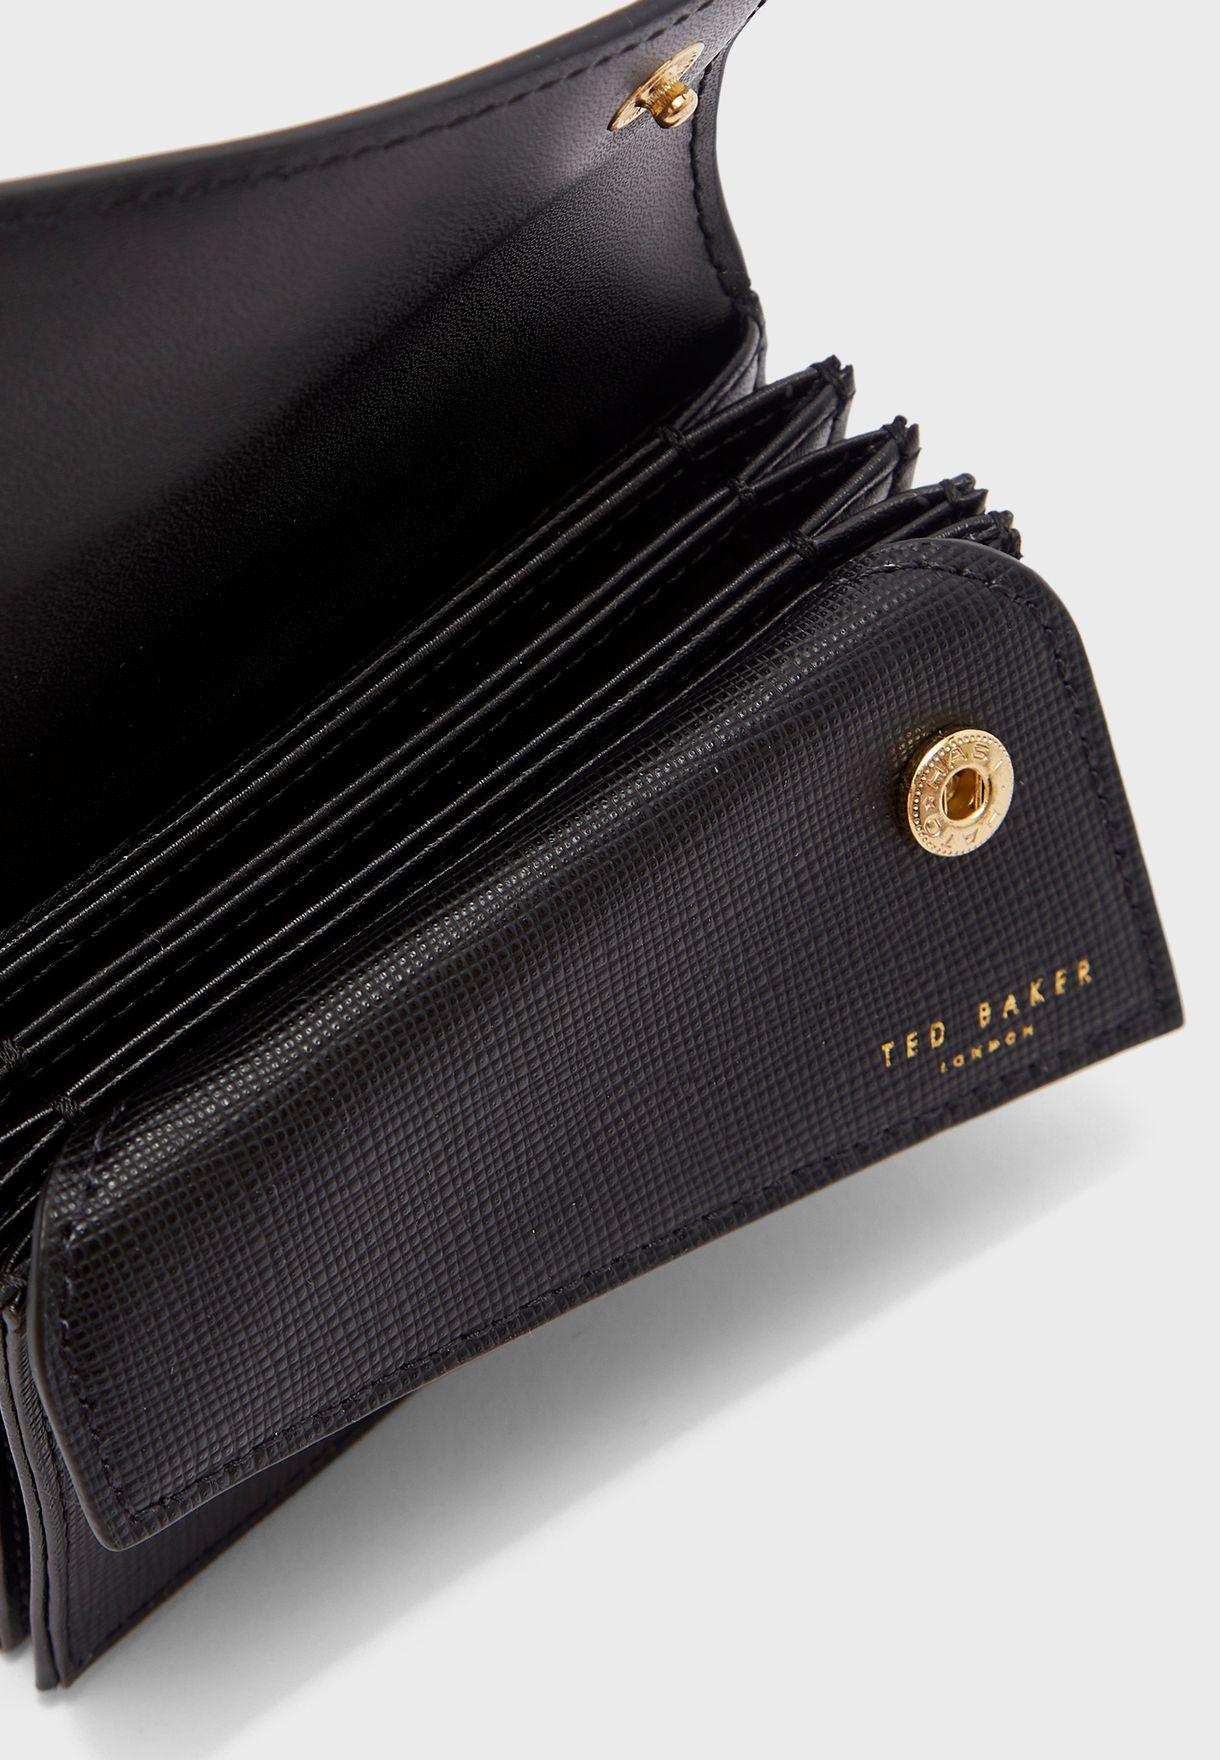 محفظة للبطاقات الشخصية بجيوب متعددة